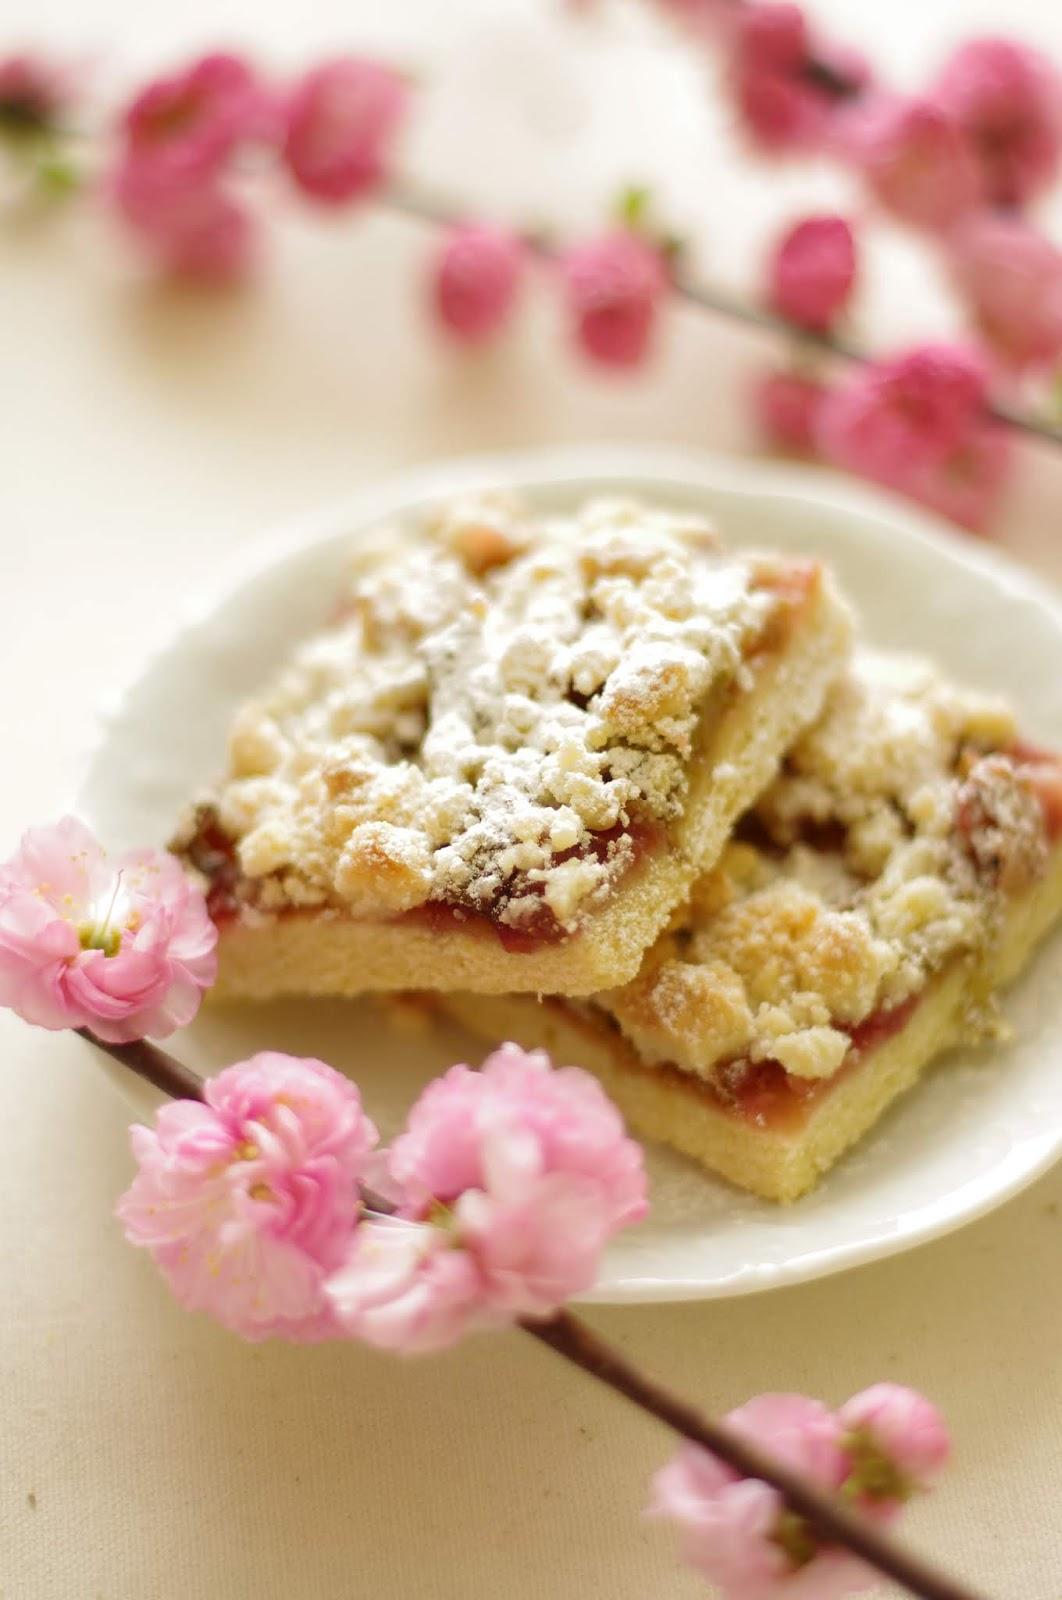 Kruche ciasto z rabarbarem i różą